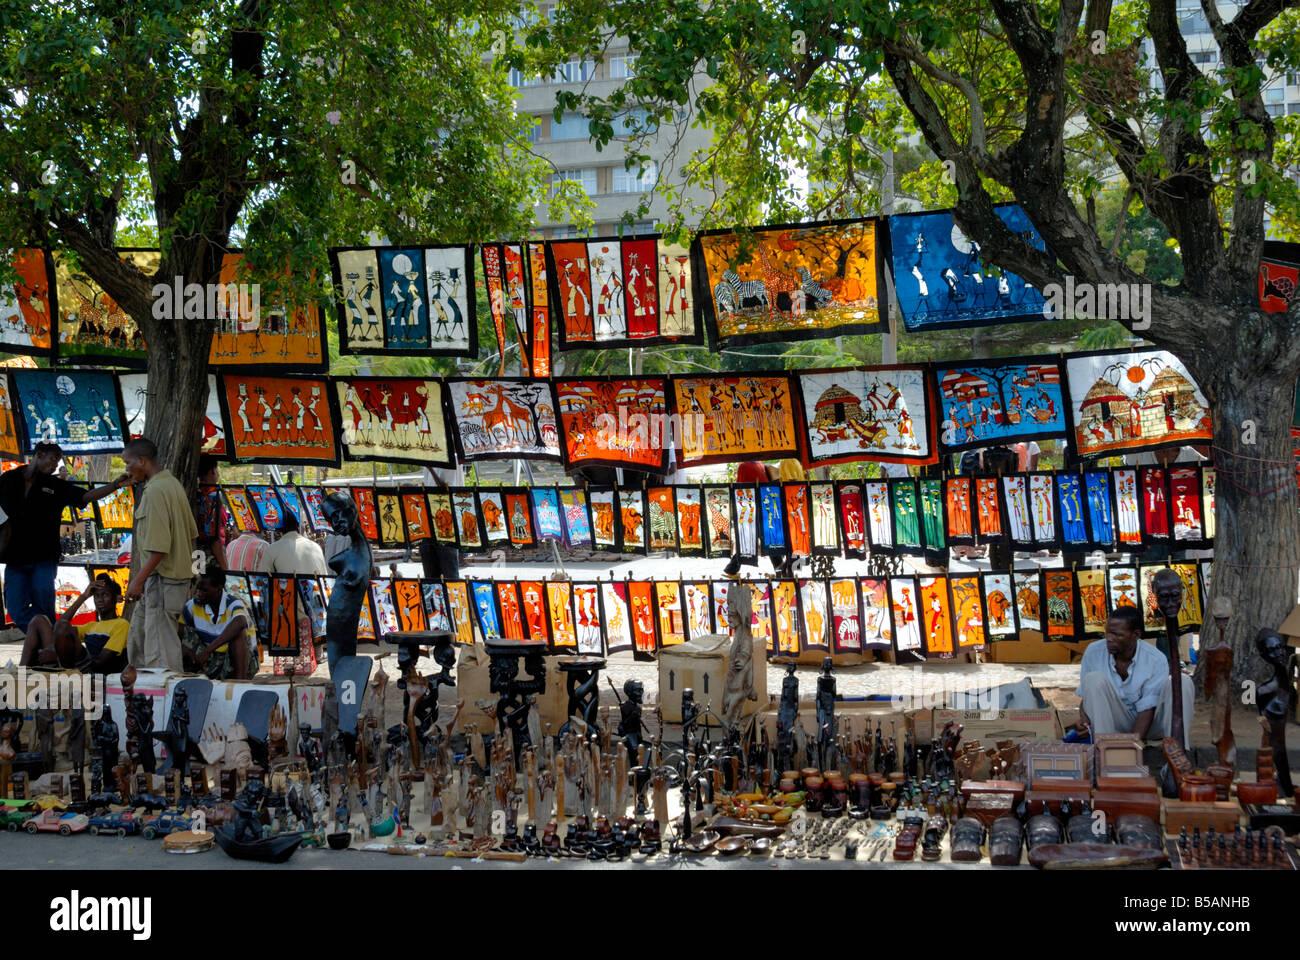 Marché artisanal de Maputo, Mozambique, Afrique de l'Est, l'Afrique Photo Stock